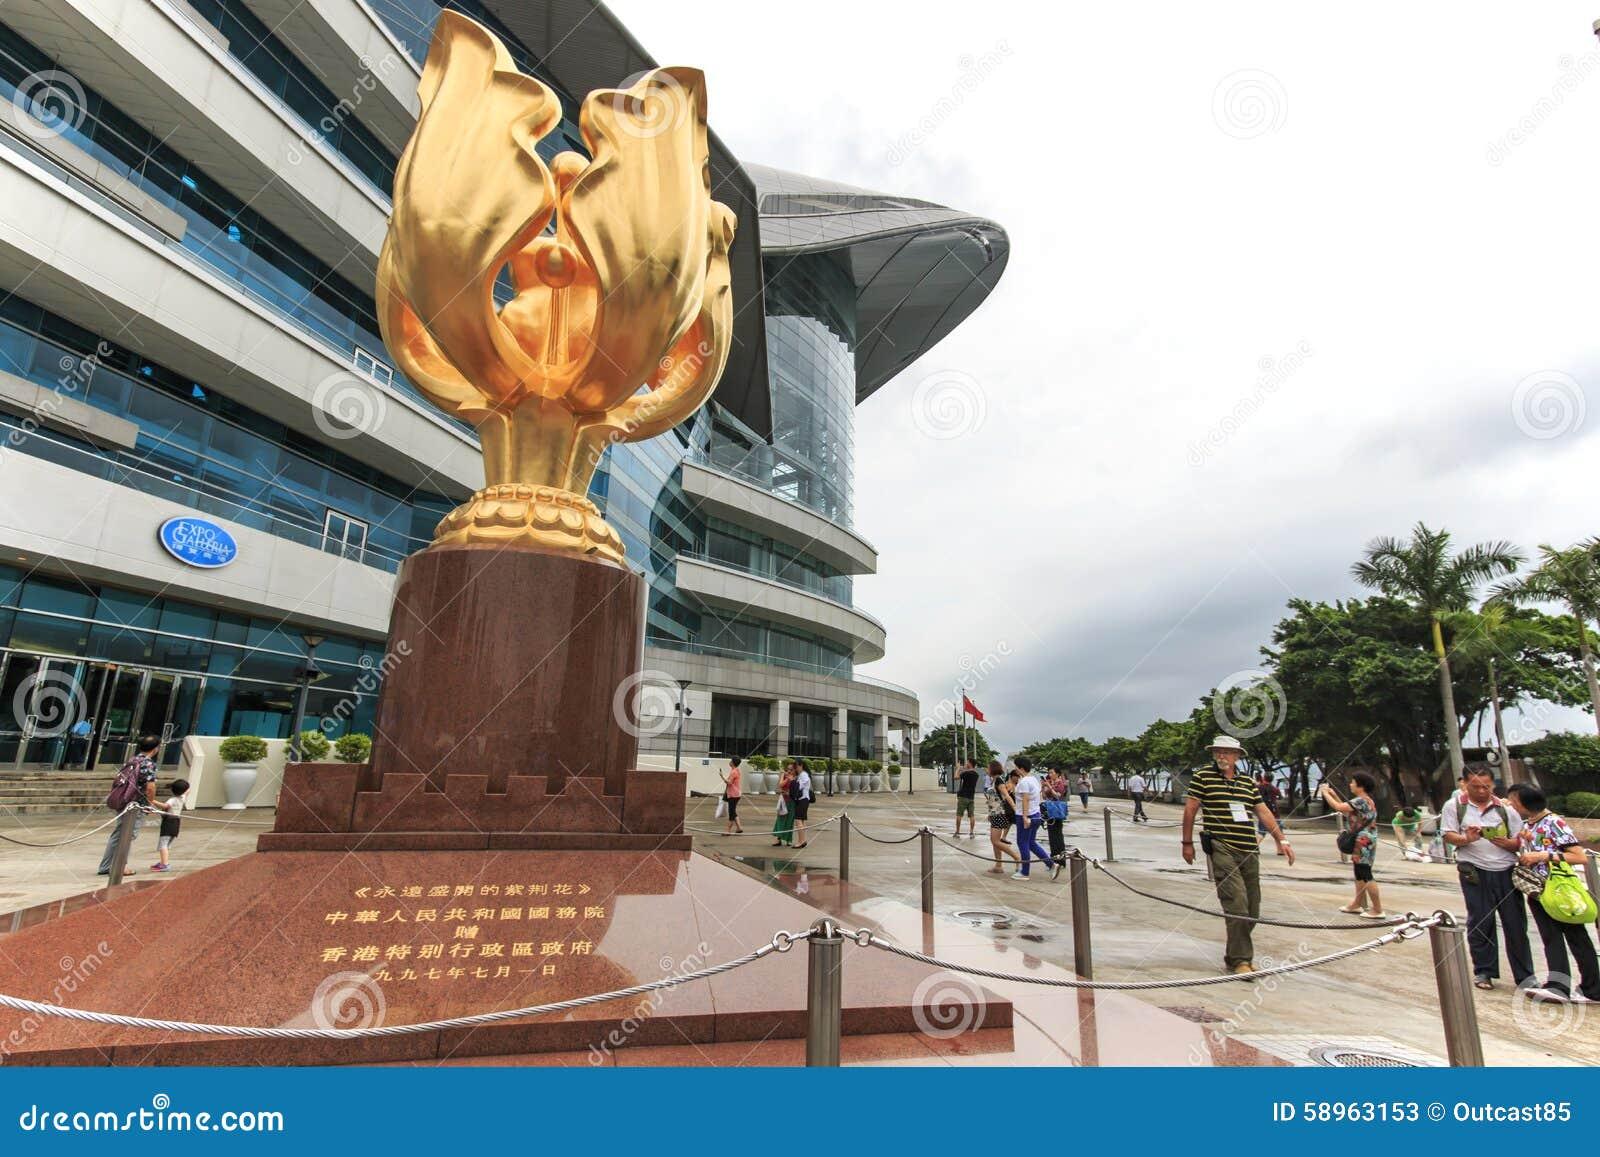 Die Touristen, die in den goldenen Bauhinia gehen, quadrieren ein offenes Gebiet in Nord-Wan Chai, Hong Kong